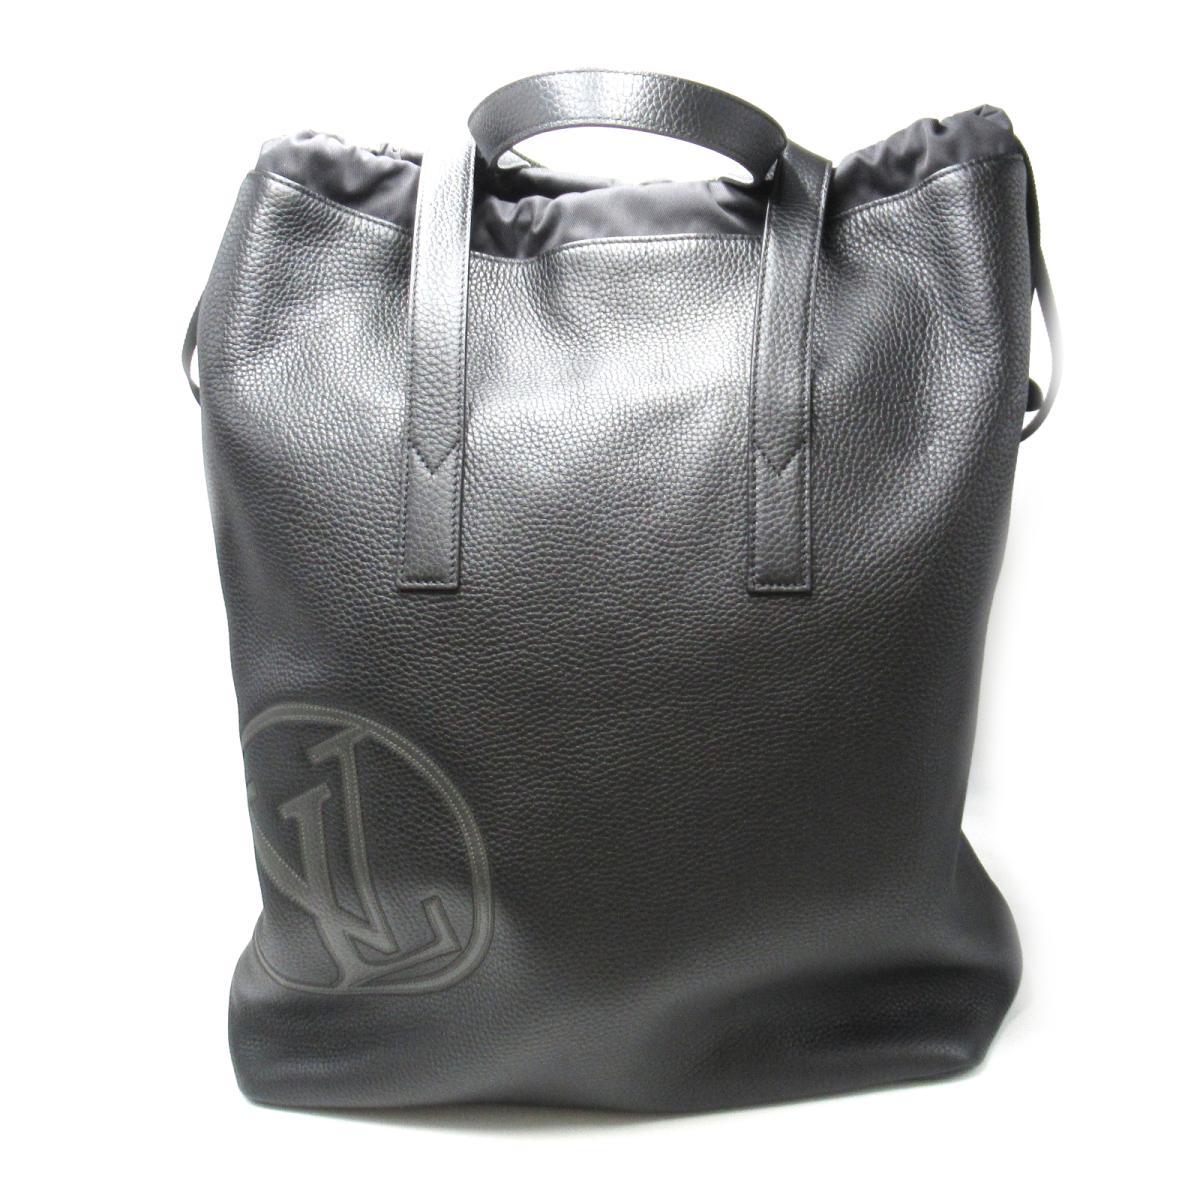 レディースバッグ, トートバッグ  (M55000)